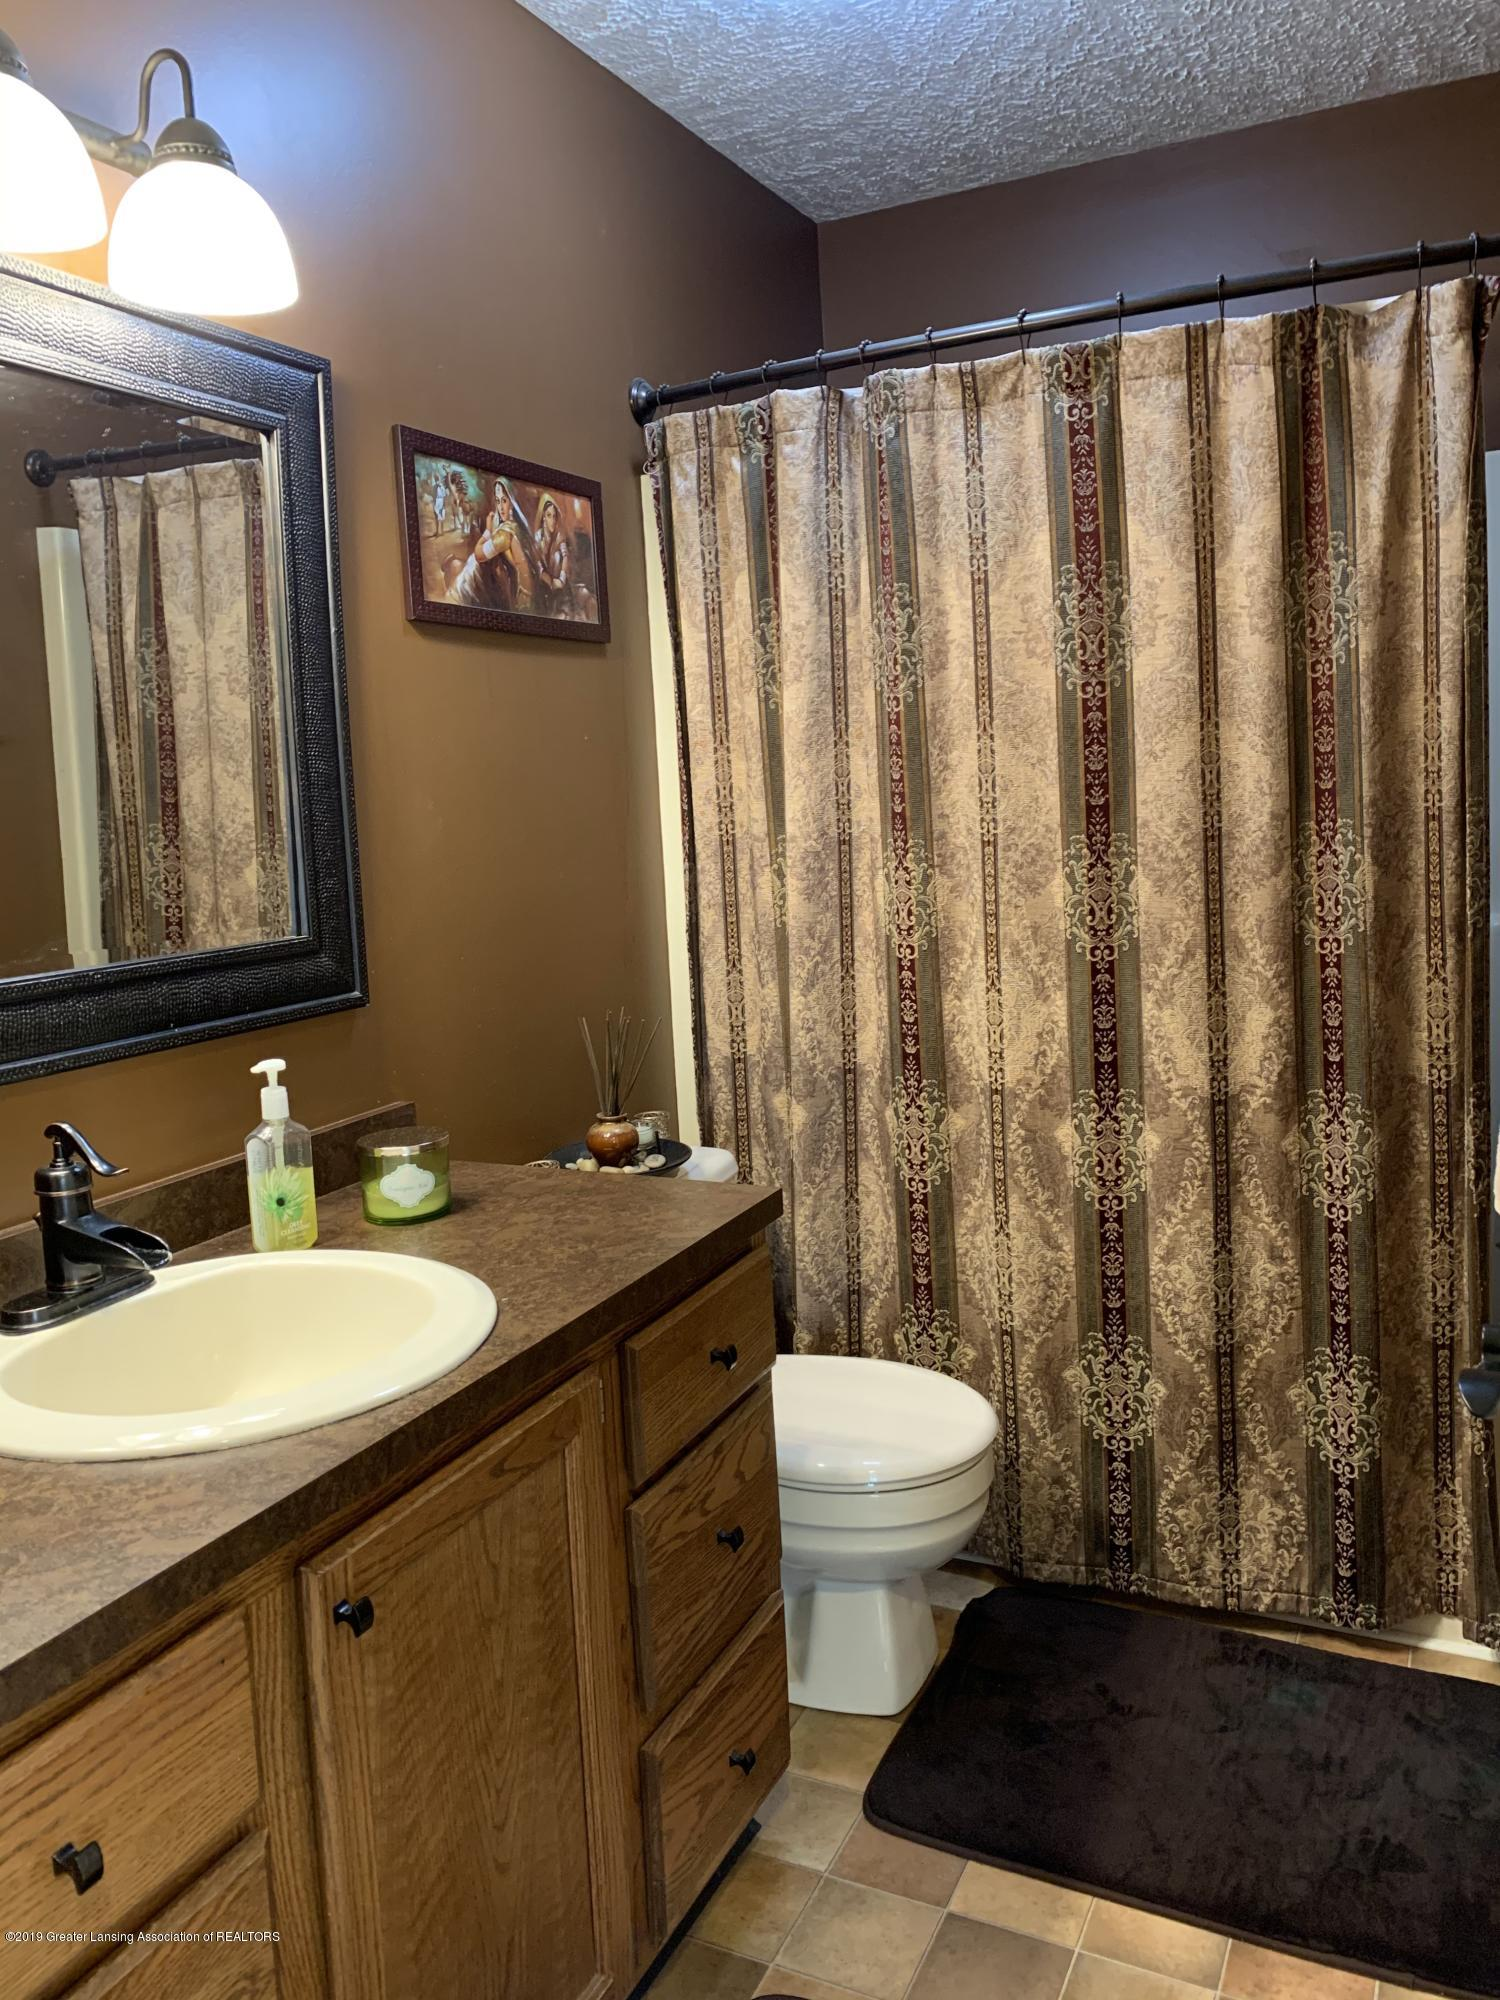 2435 Seville Dr - Bathroom - 18